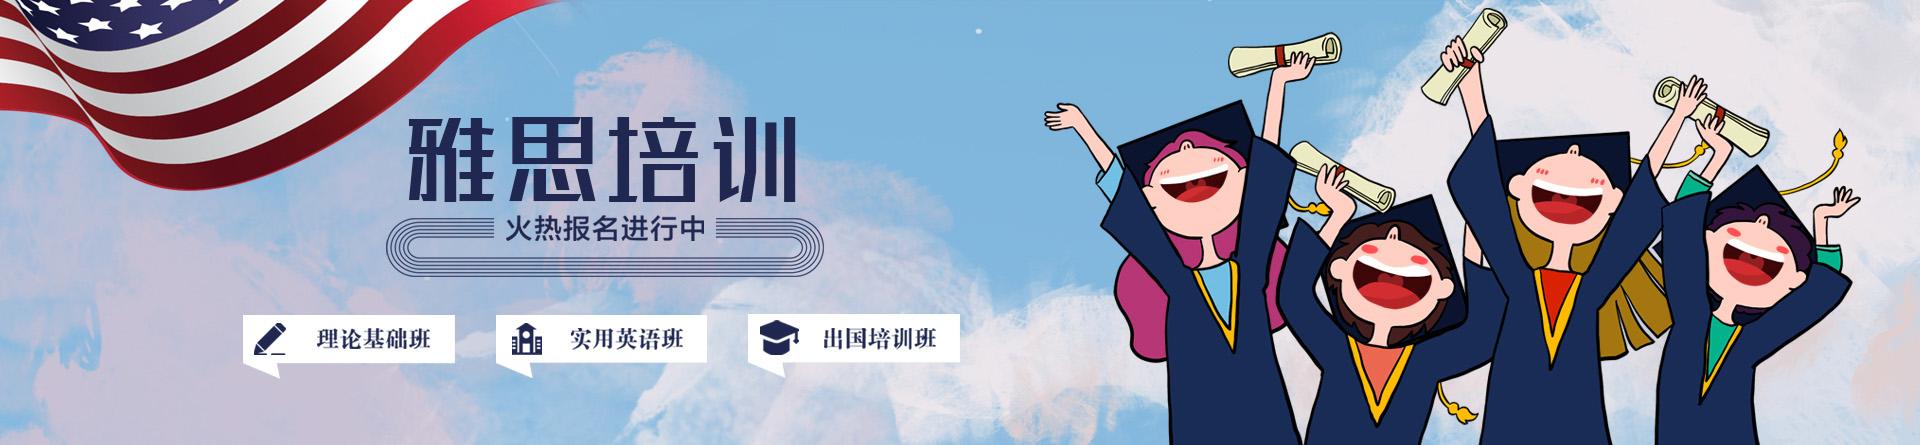 杭州雅思英语